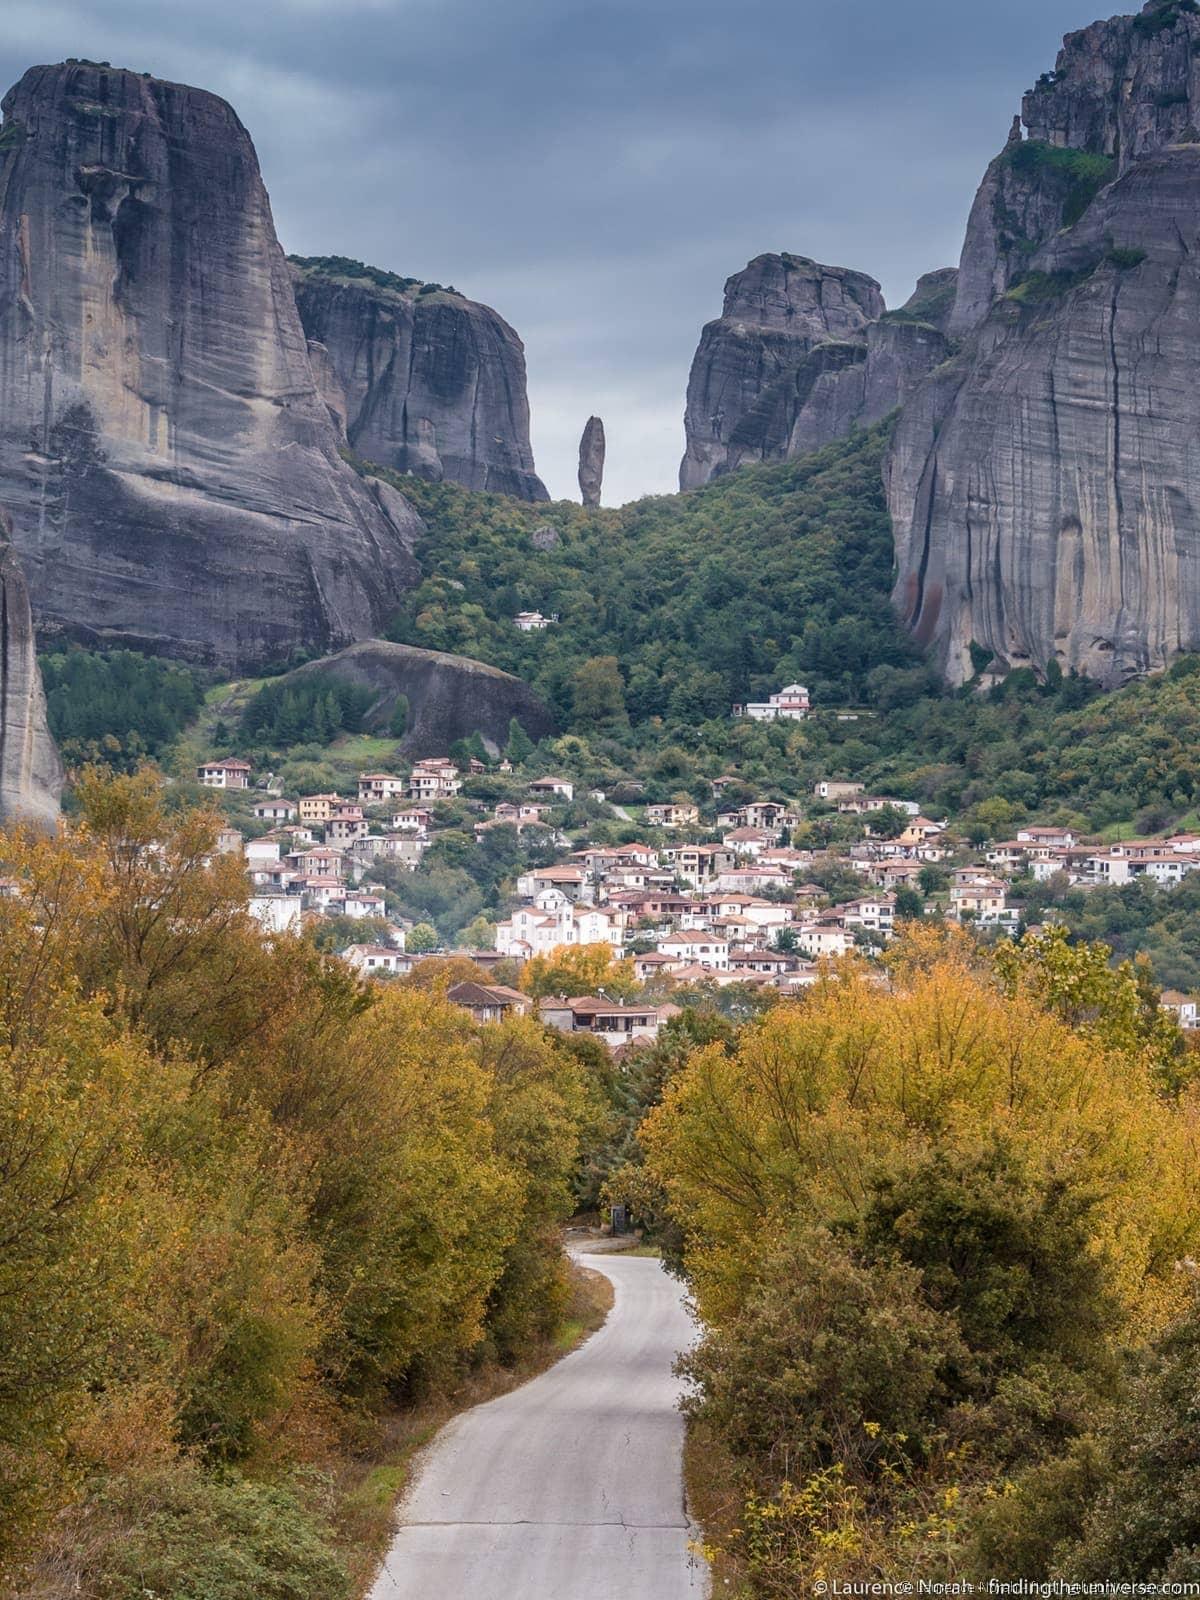 Meteora landscape Greece rocks road